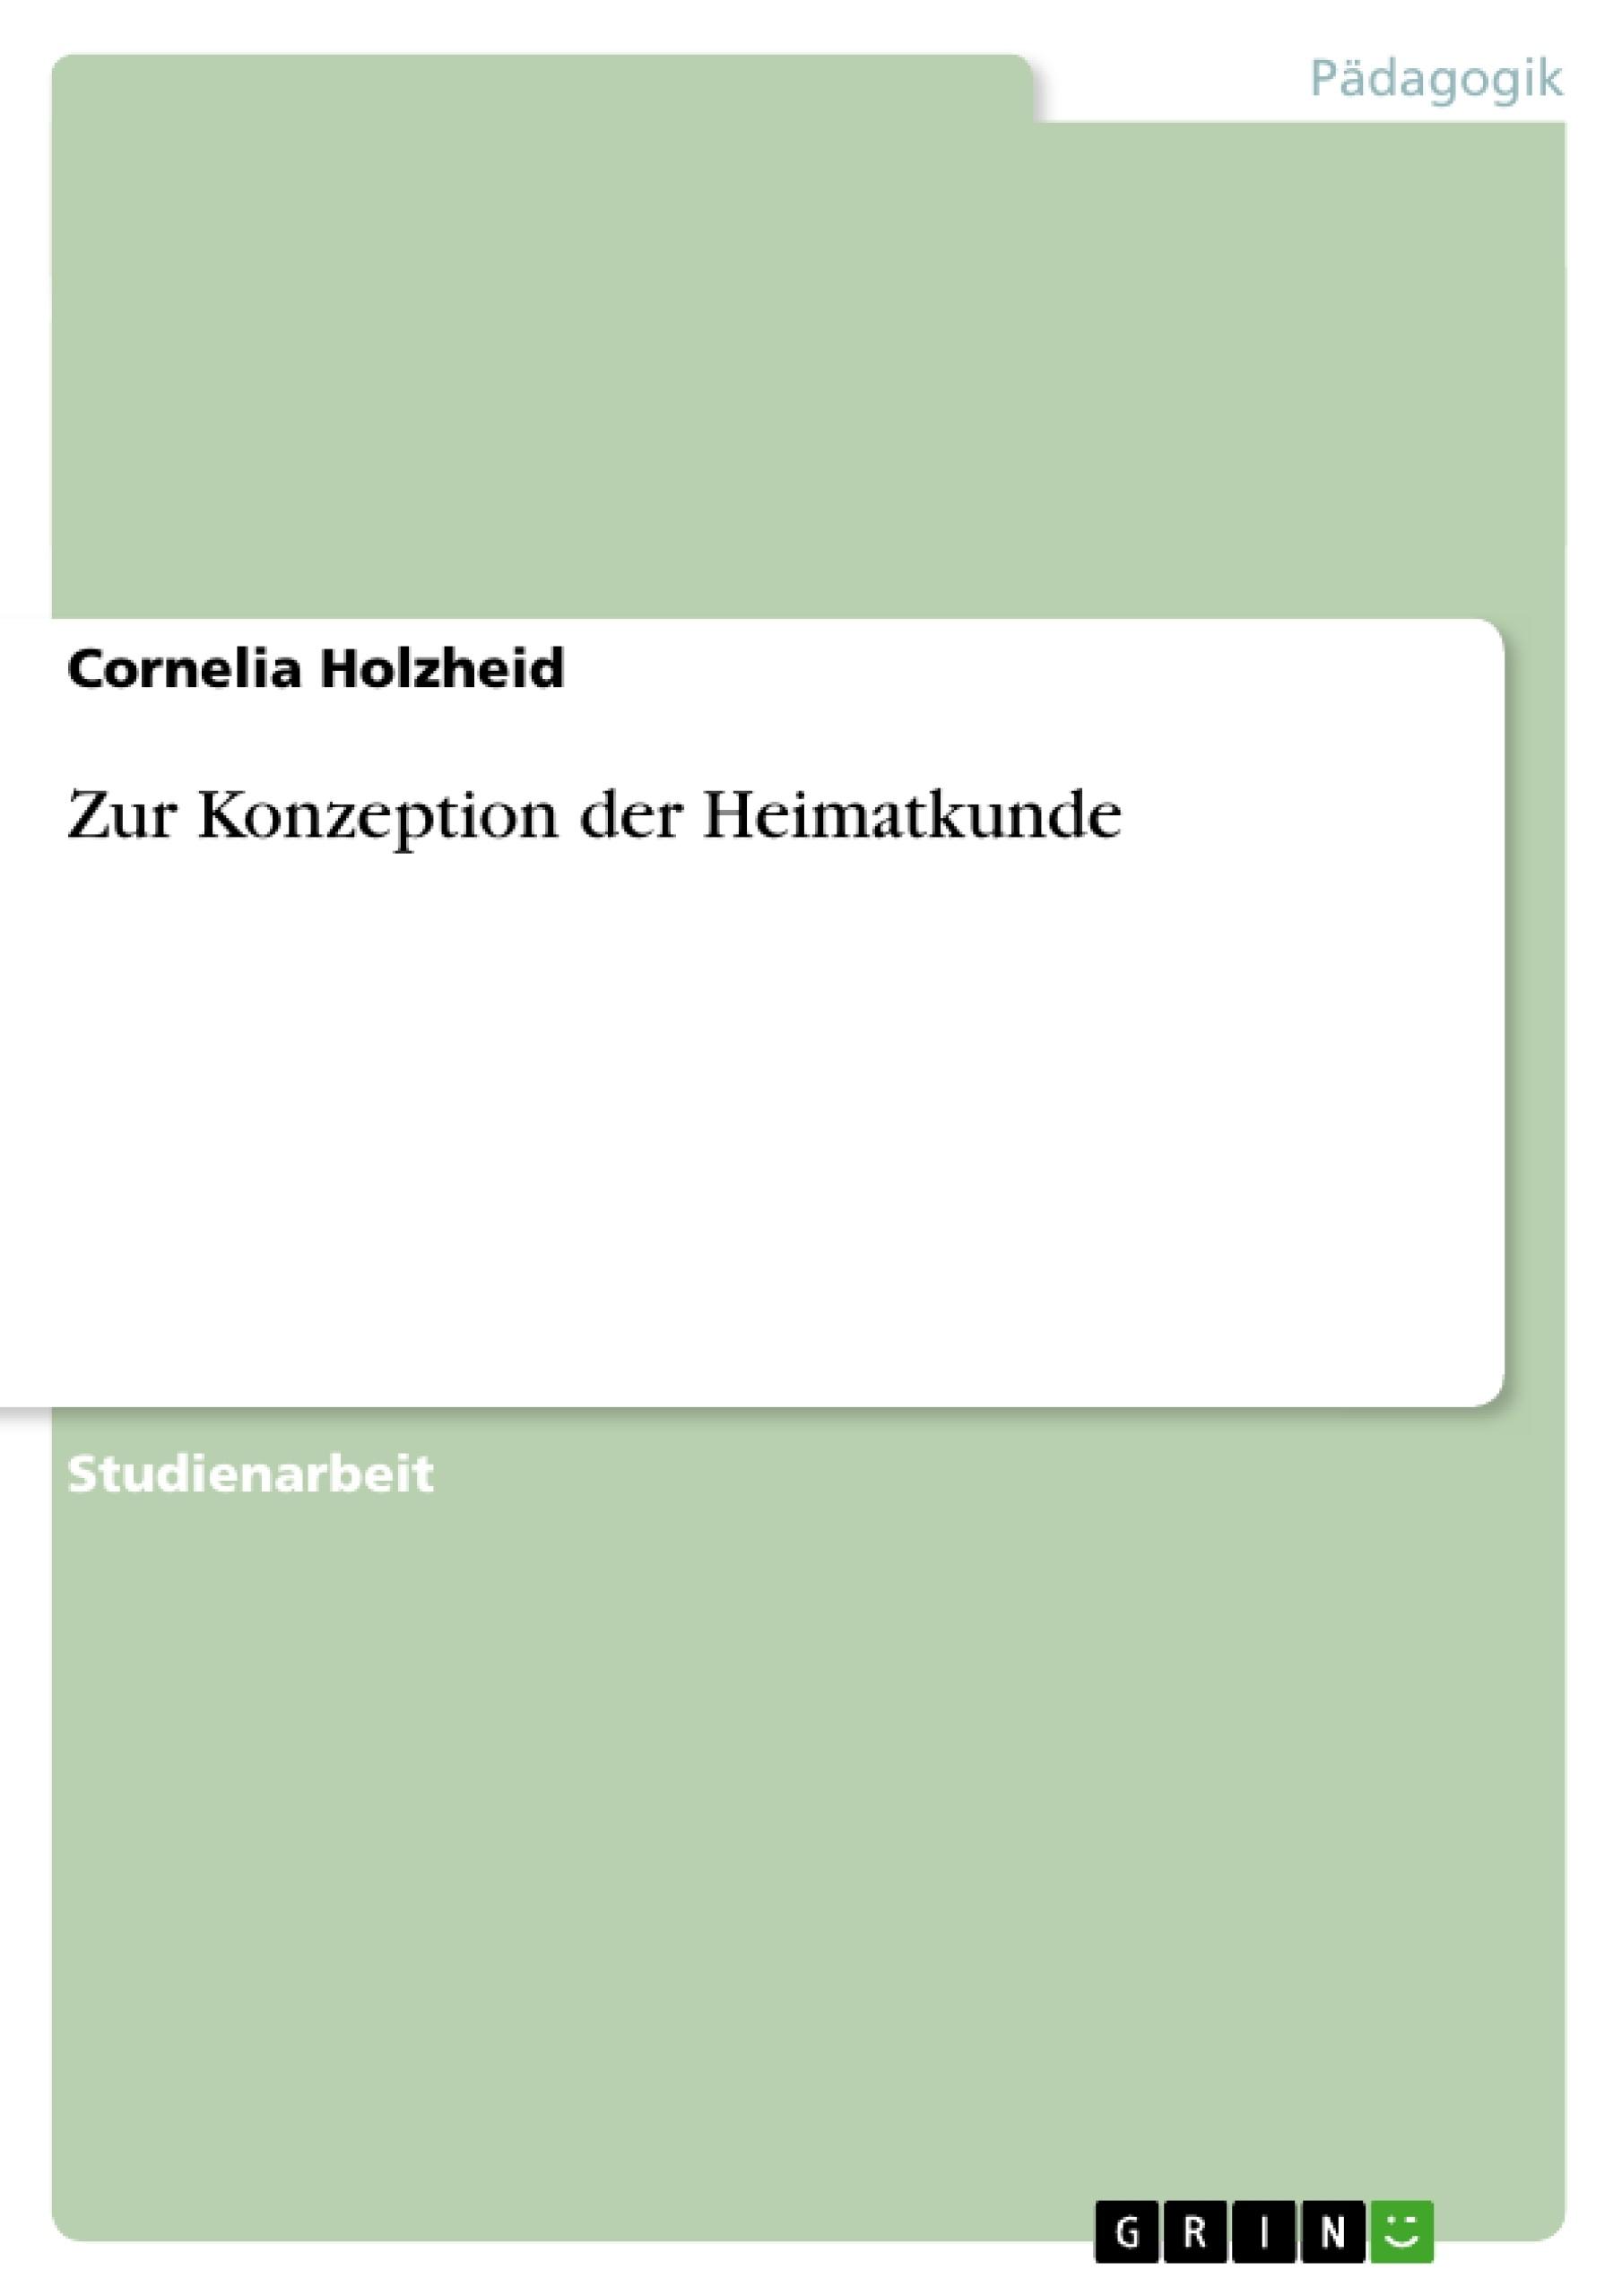 Titel: Zur Konzeption der Heimatkunde